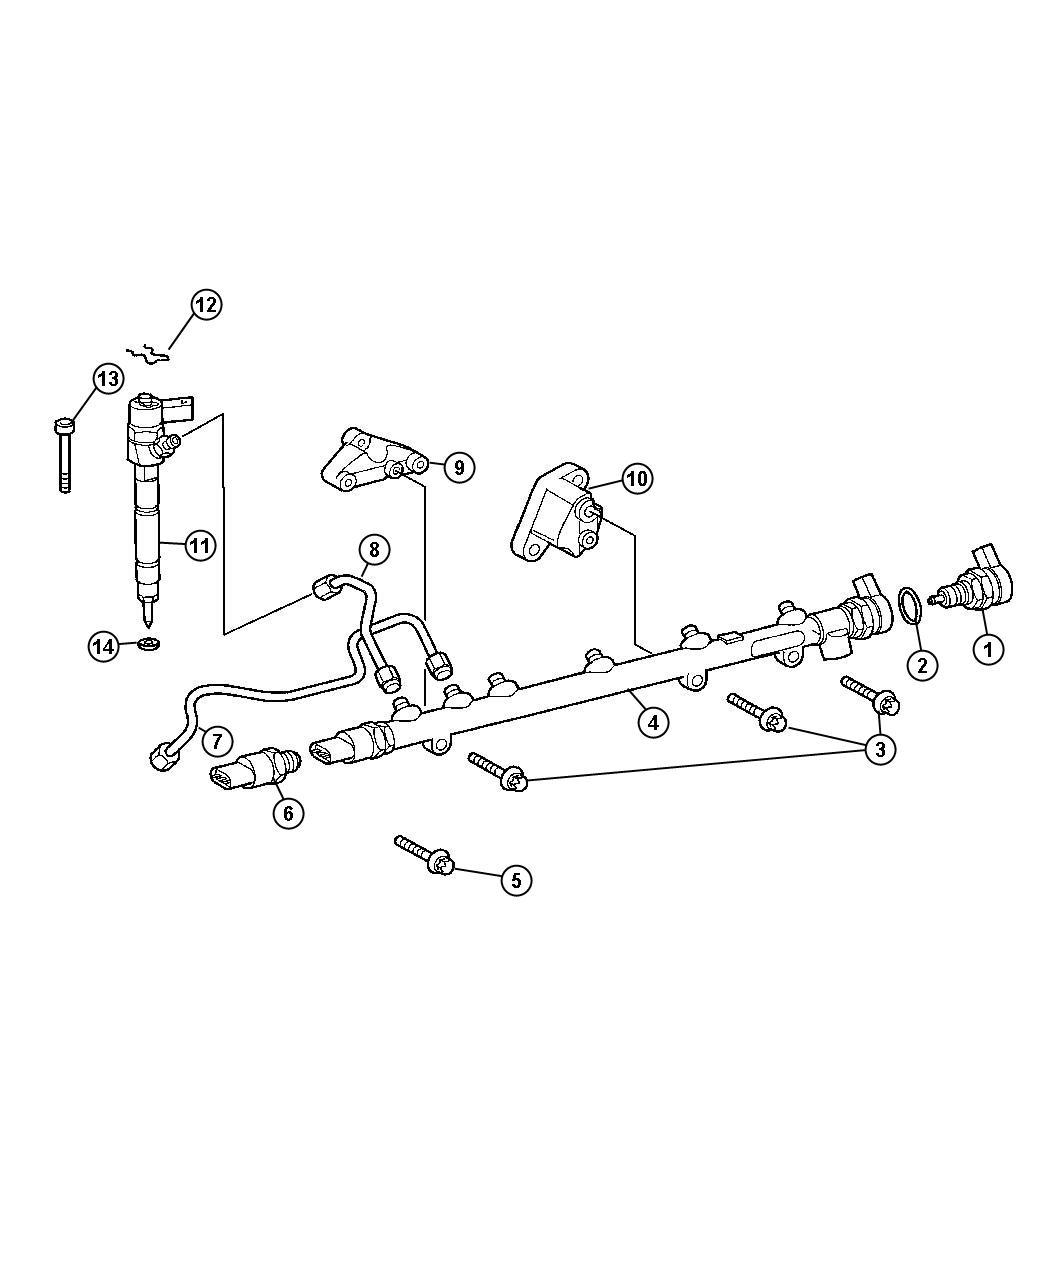 Dodge Sprinter Injector Fuel System